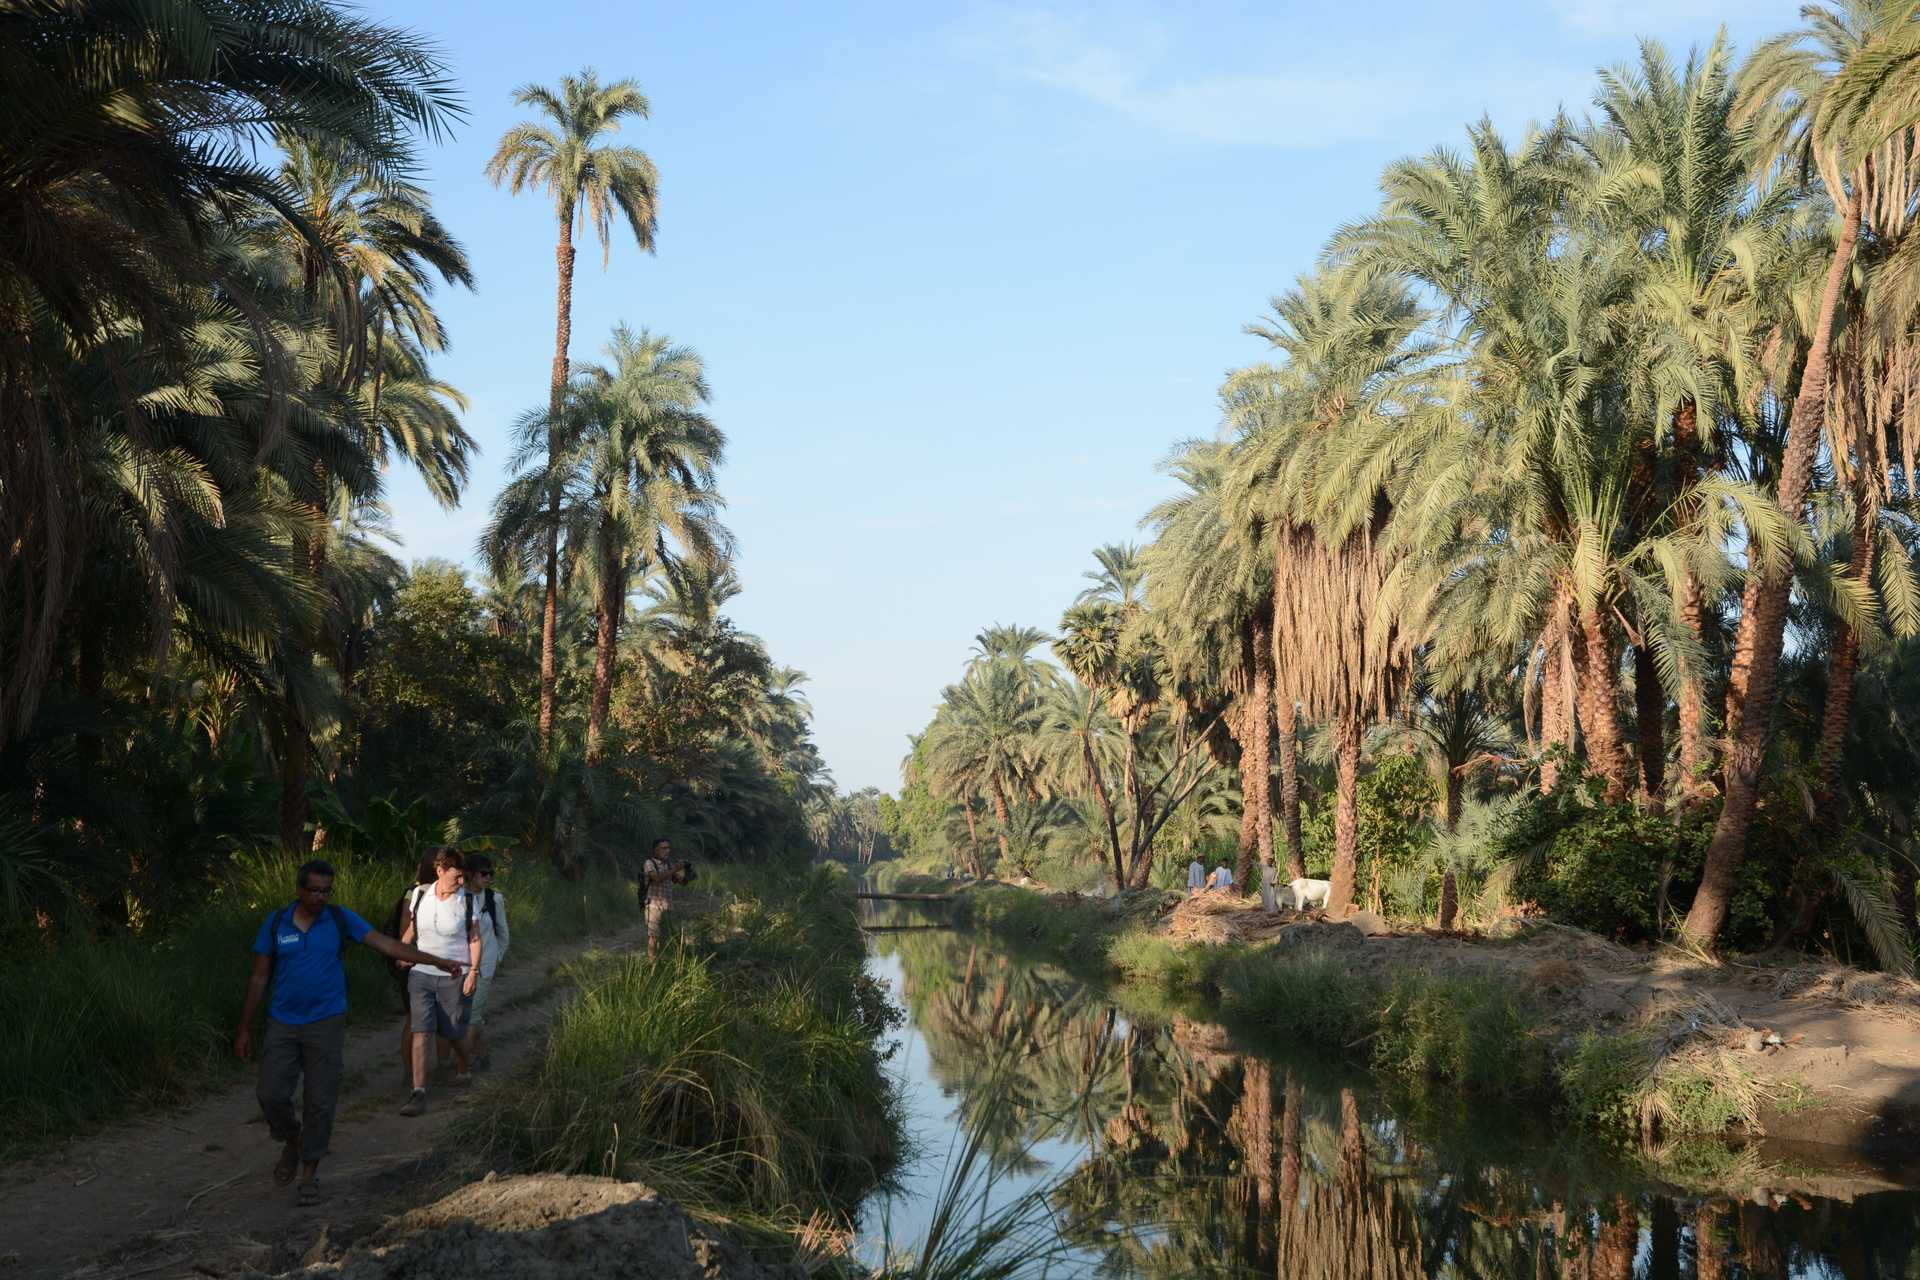 Rando sur les rives du Nil avec guide